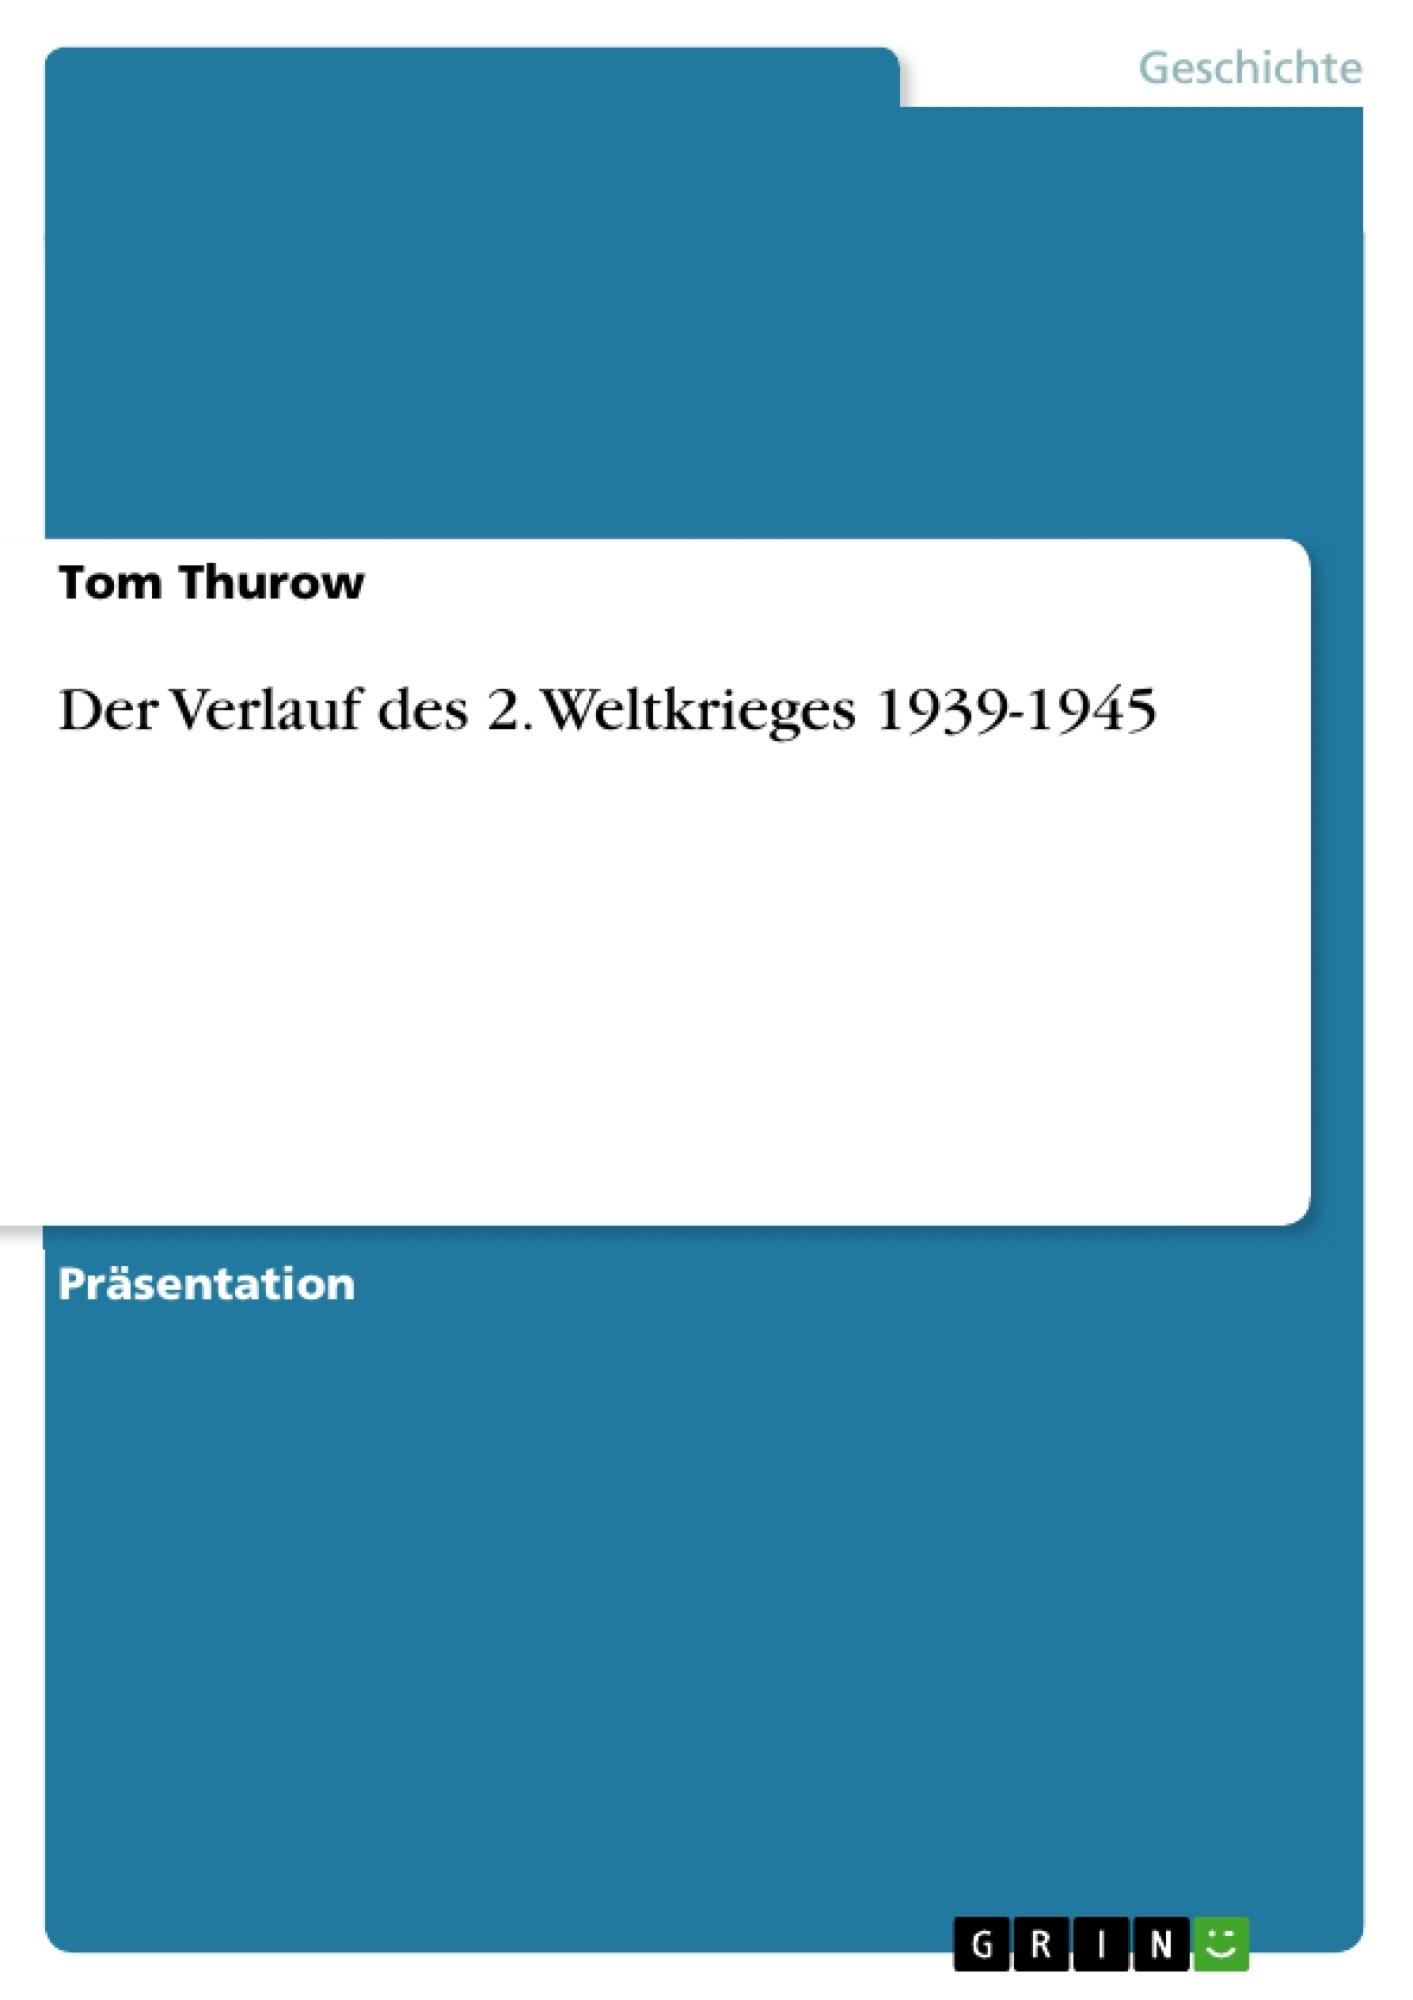 Titel: Der Verlauf des 2. Weltkrieges 1939-1945